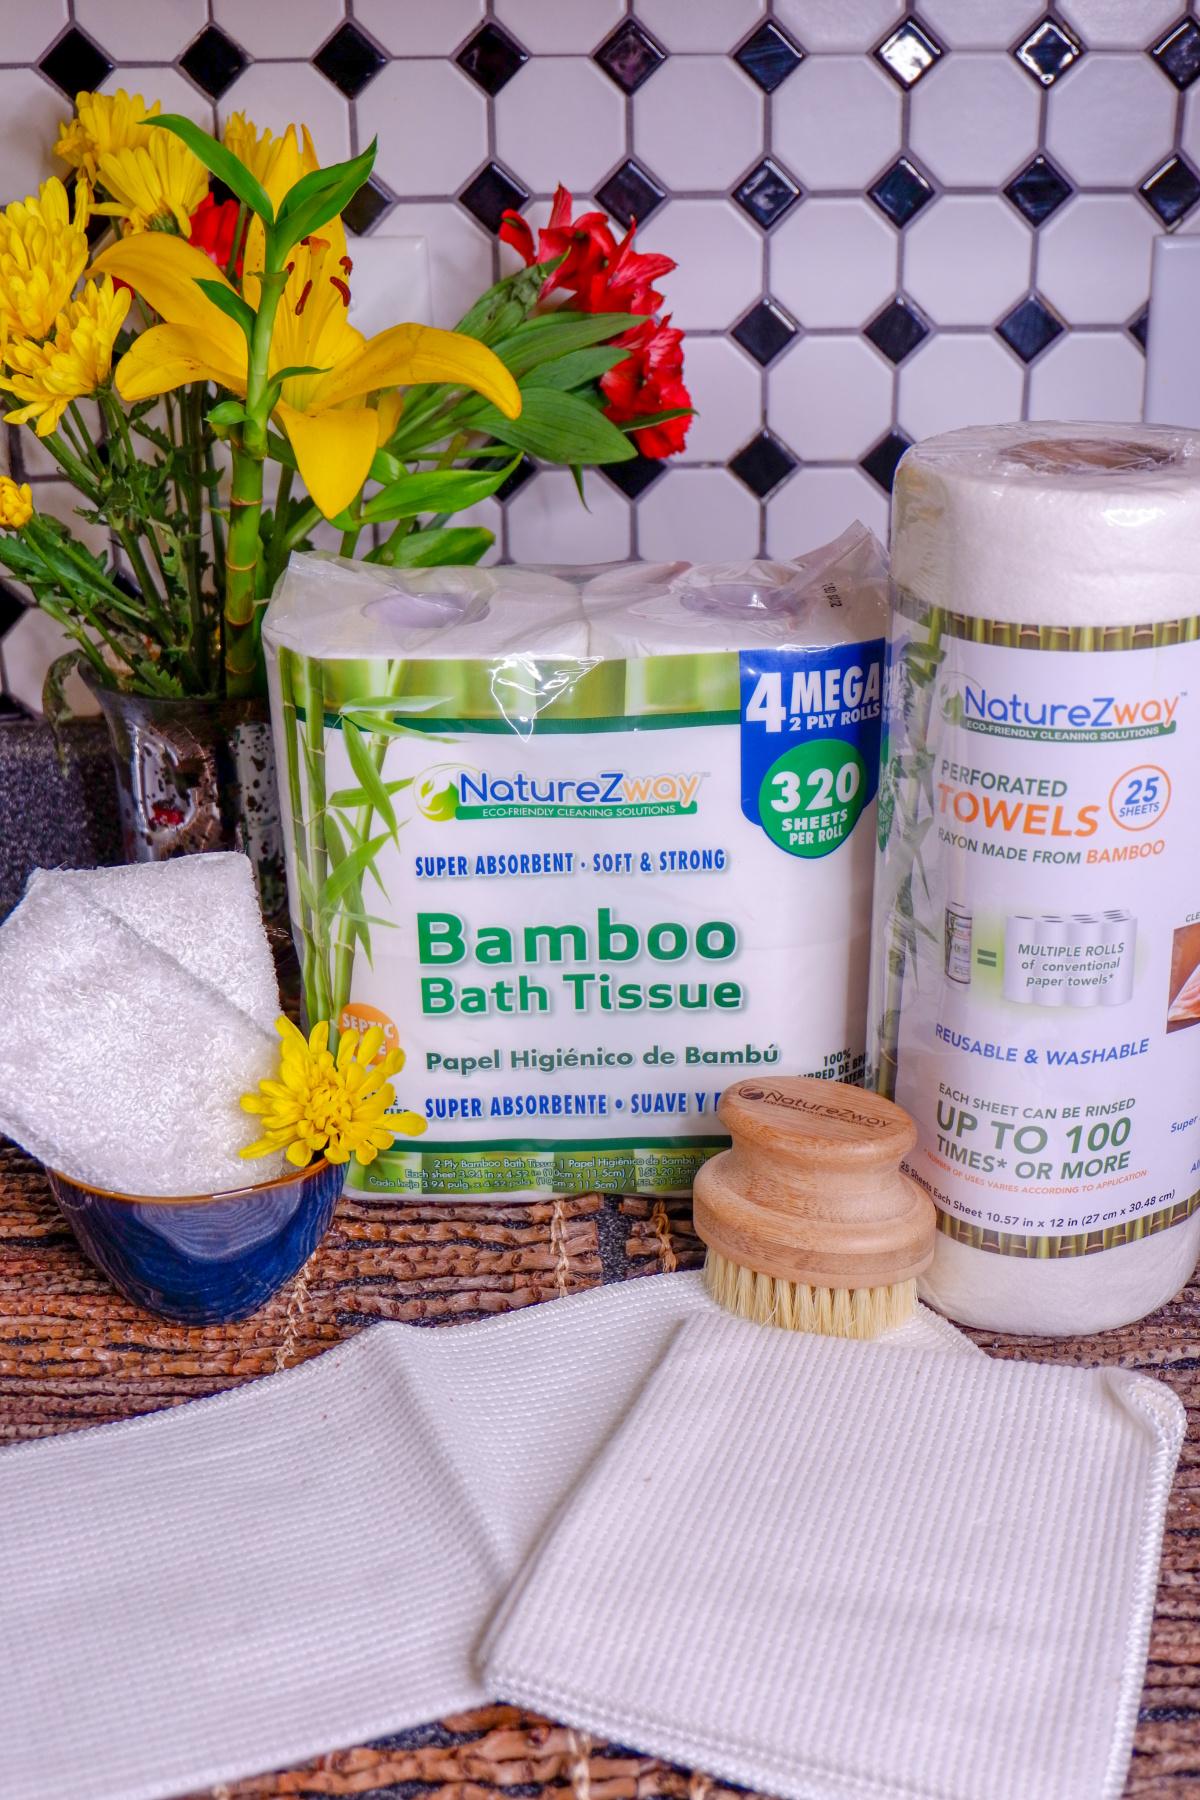 NatureZway bamboo